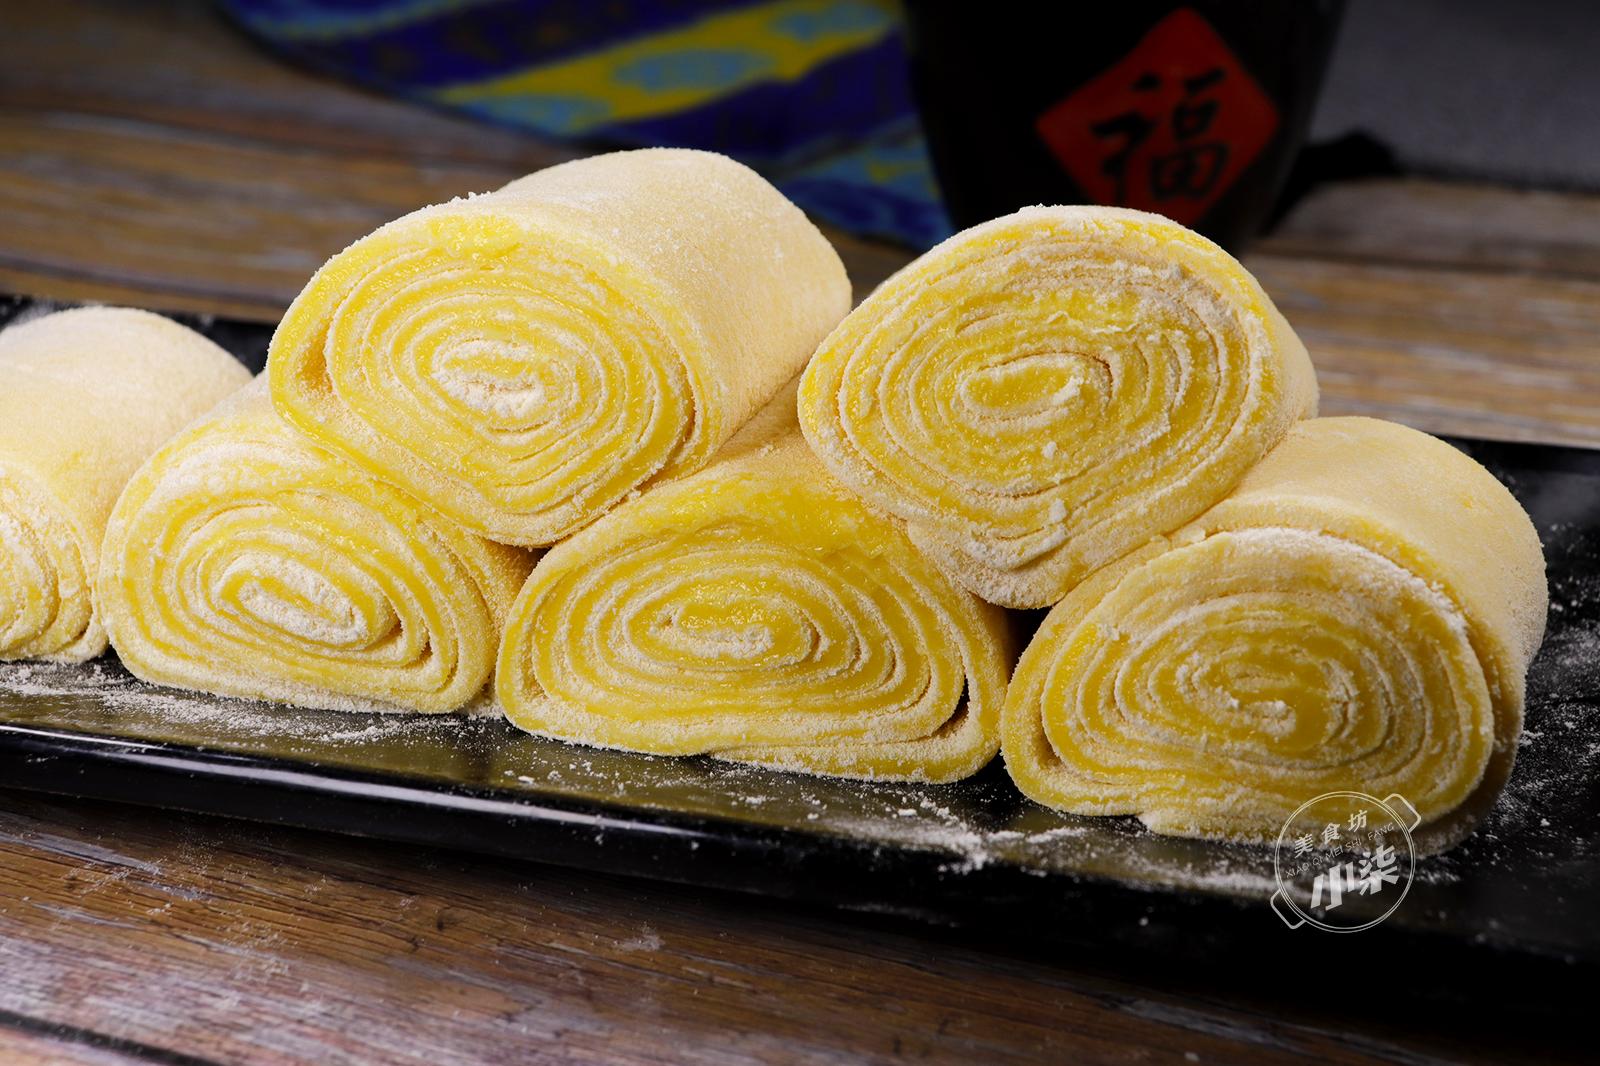 2個紅薯,1碗糯米粉,不烤不油炸,簡單一做,軟糯香甜又多層